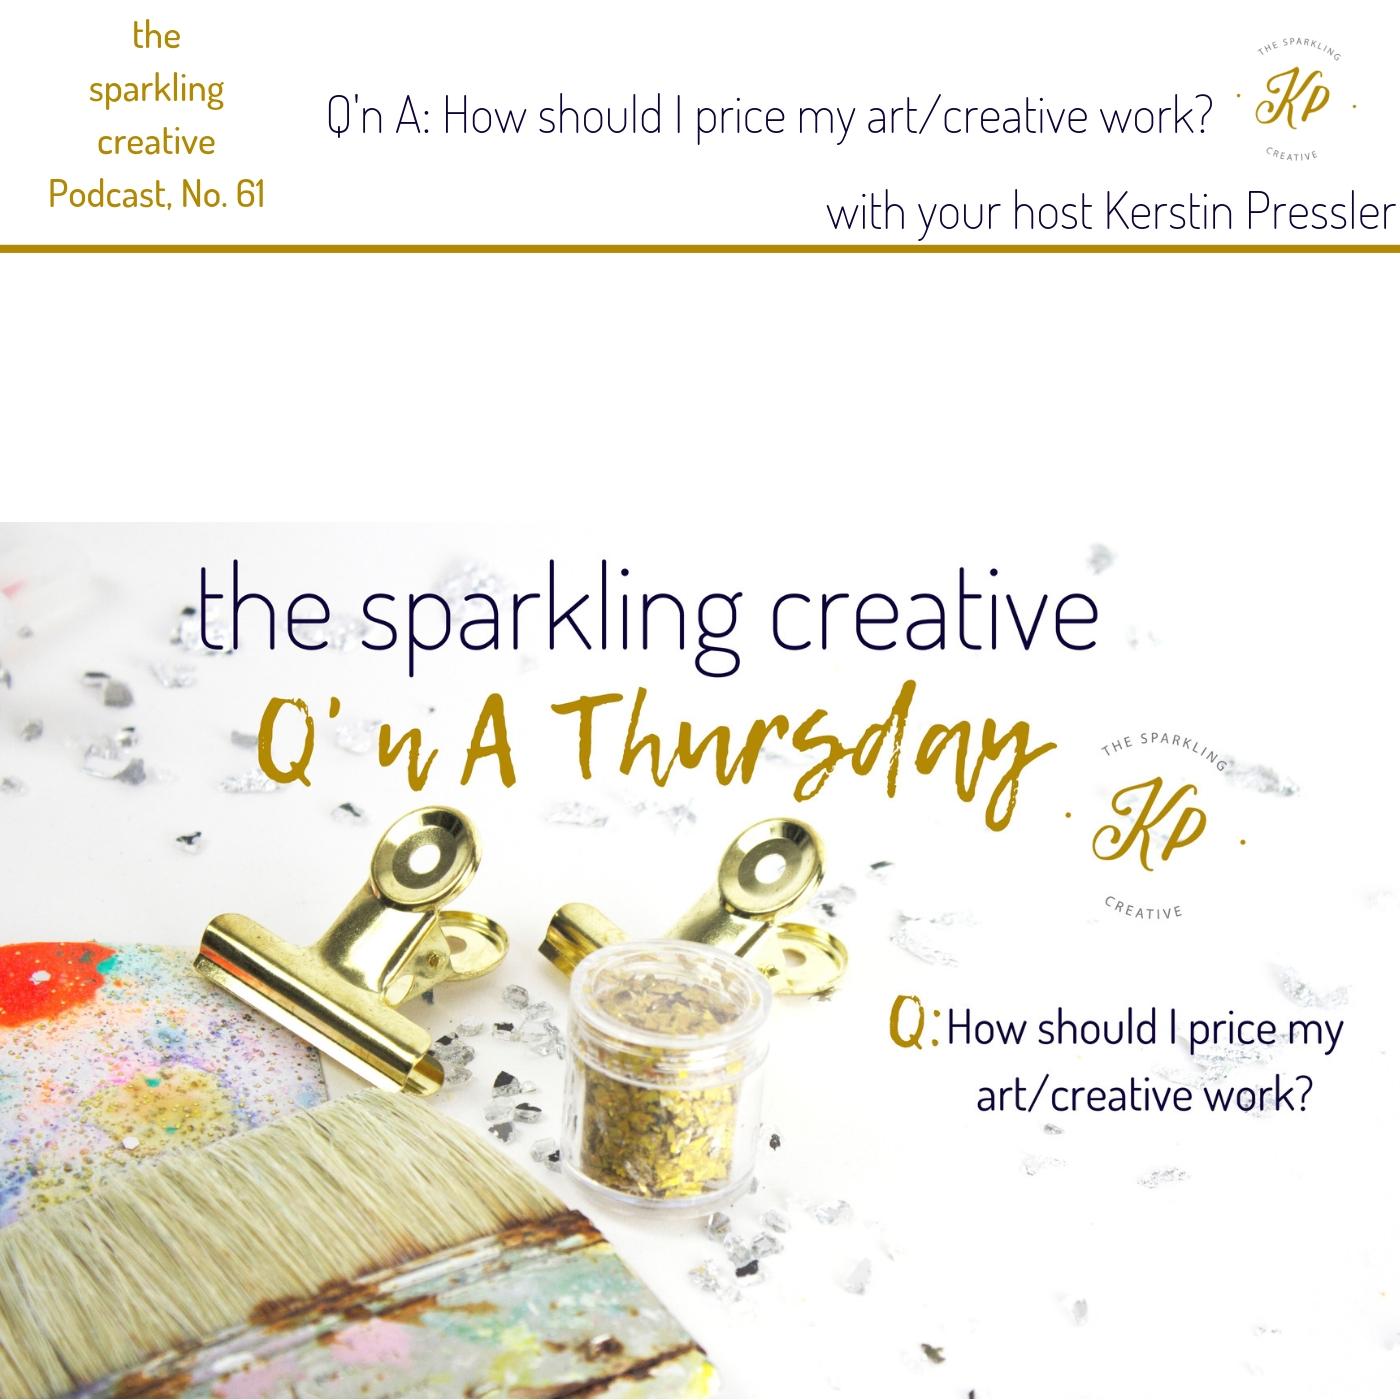 the sparkling creative Podcast, Episode 61: How should I price  my art/creative work?, www.kerstinpressler.com/blog-2/episode61